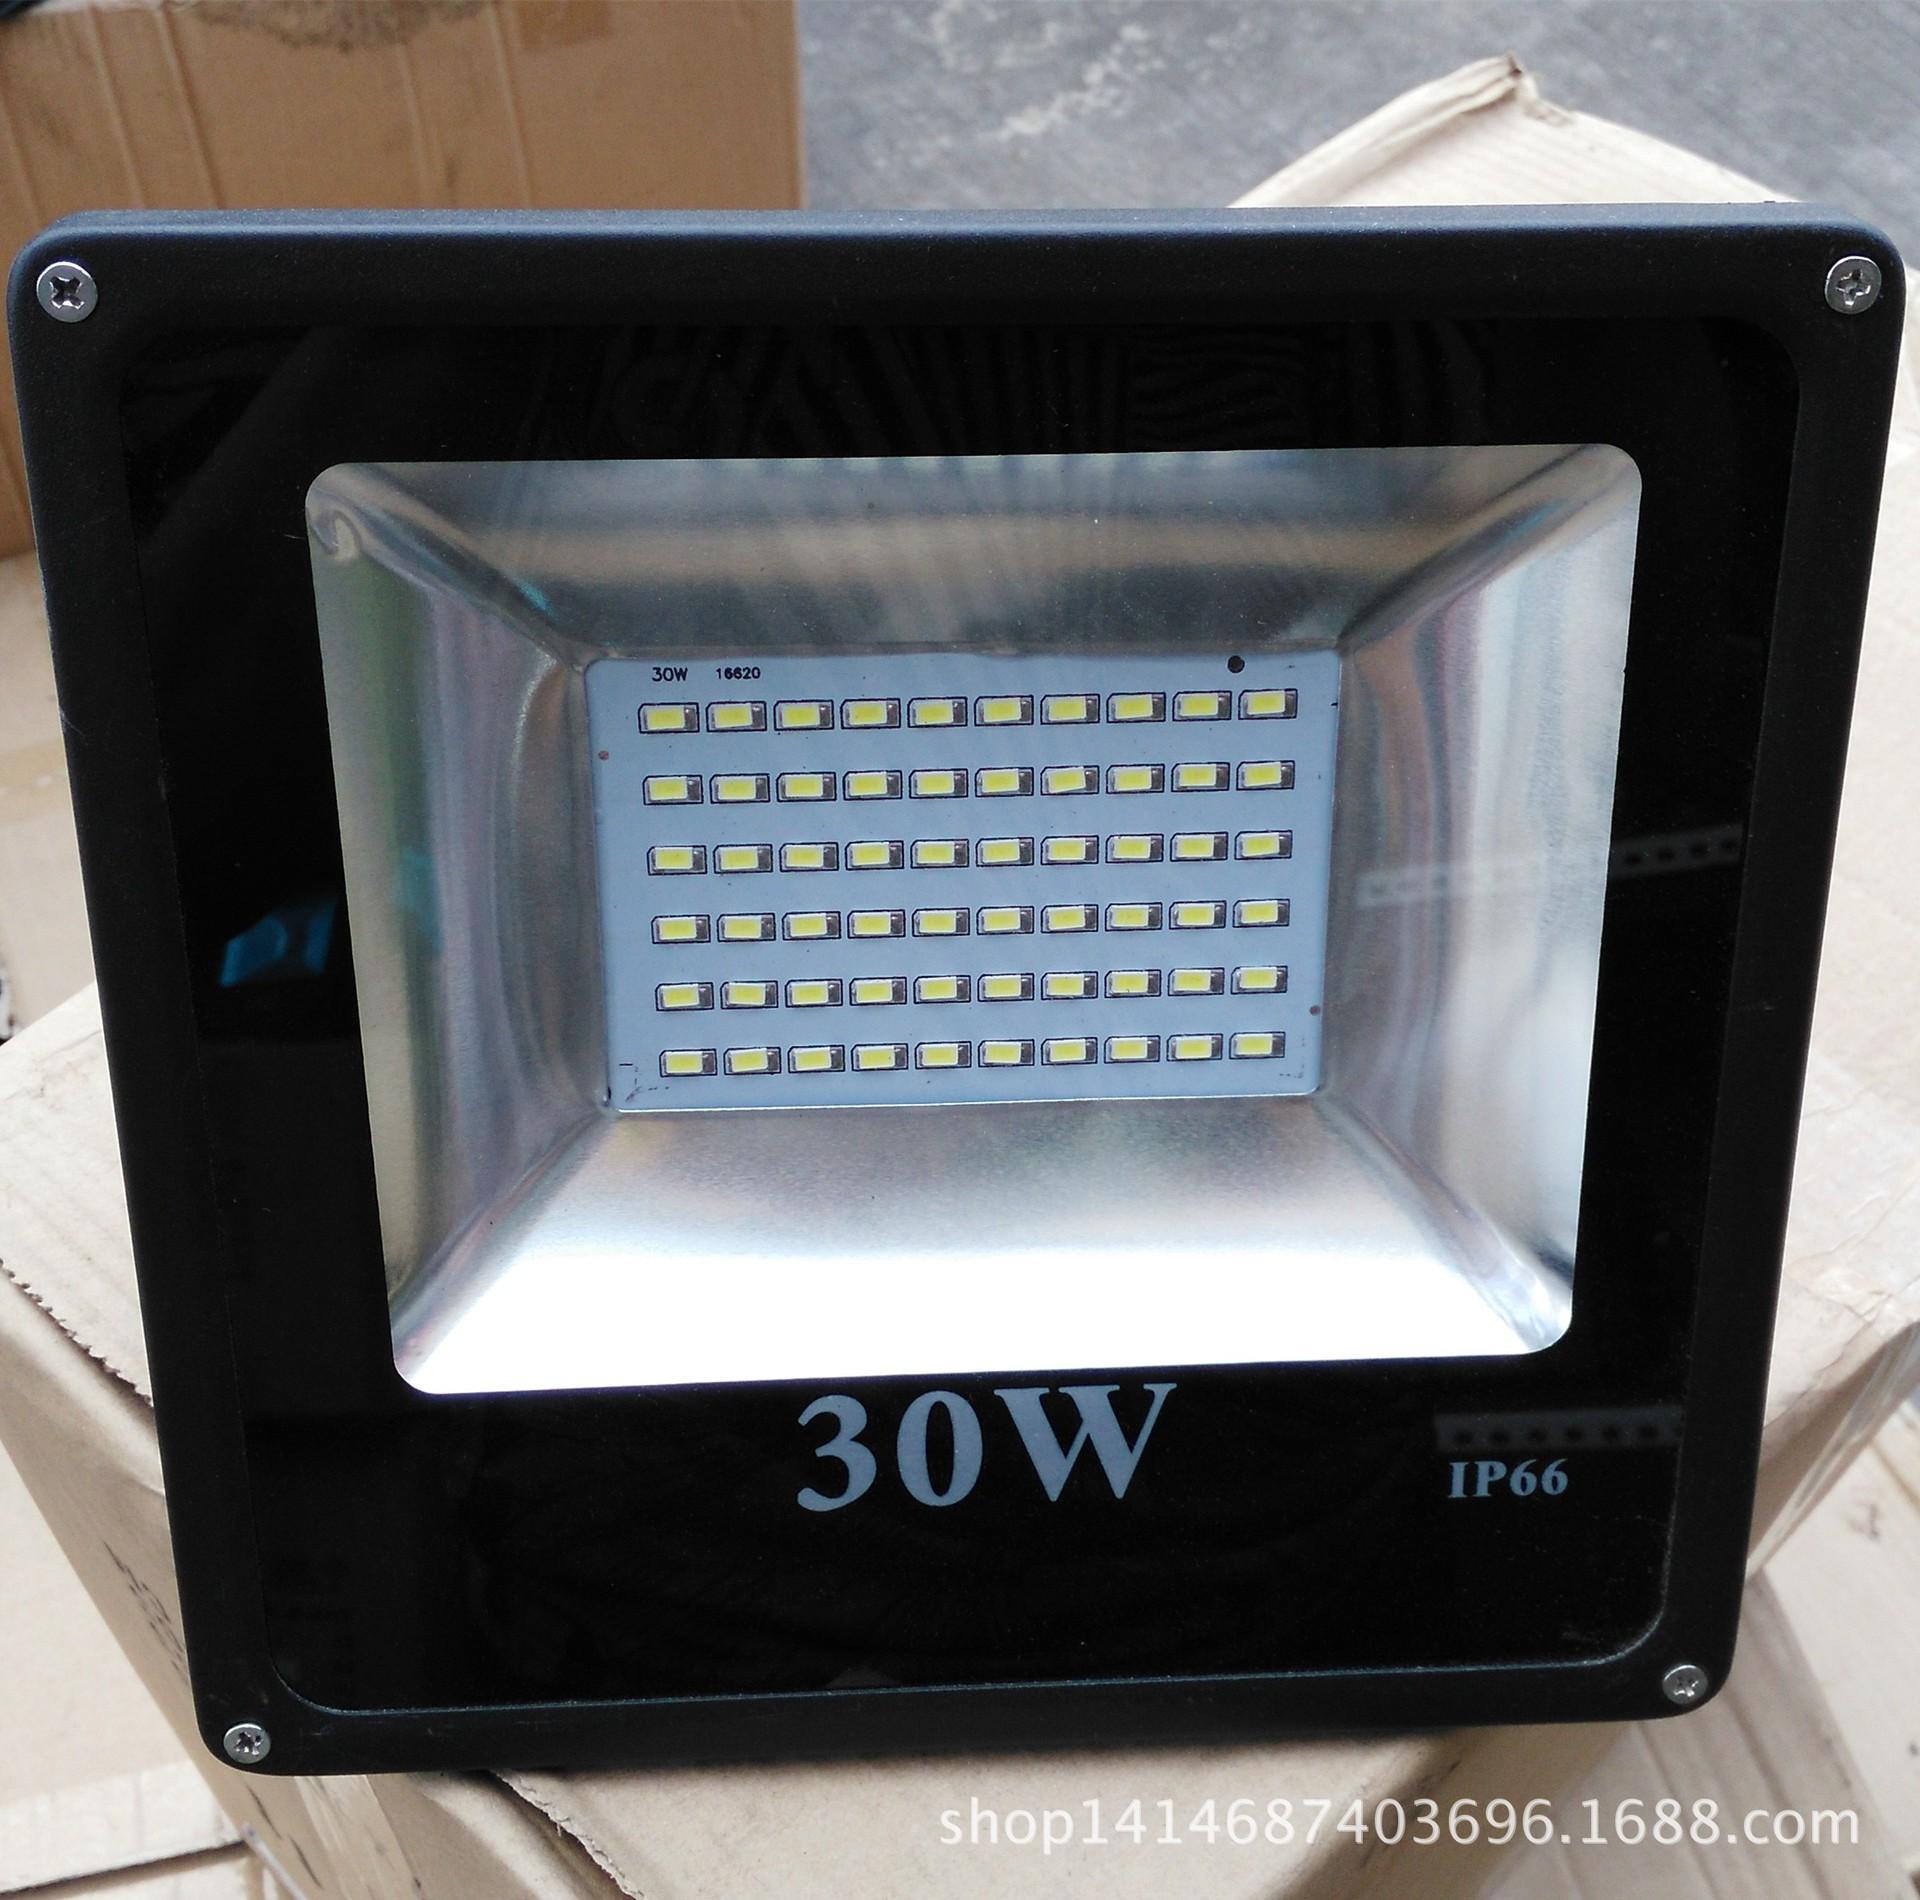 厂家直销高品质LED 30W新款贴片四方投光灯  泛光灯外壳